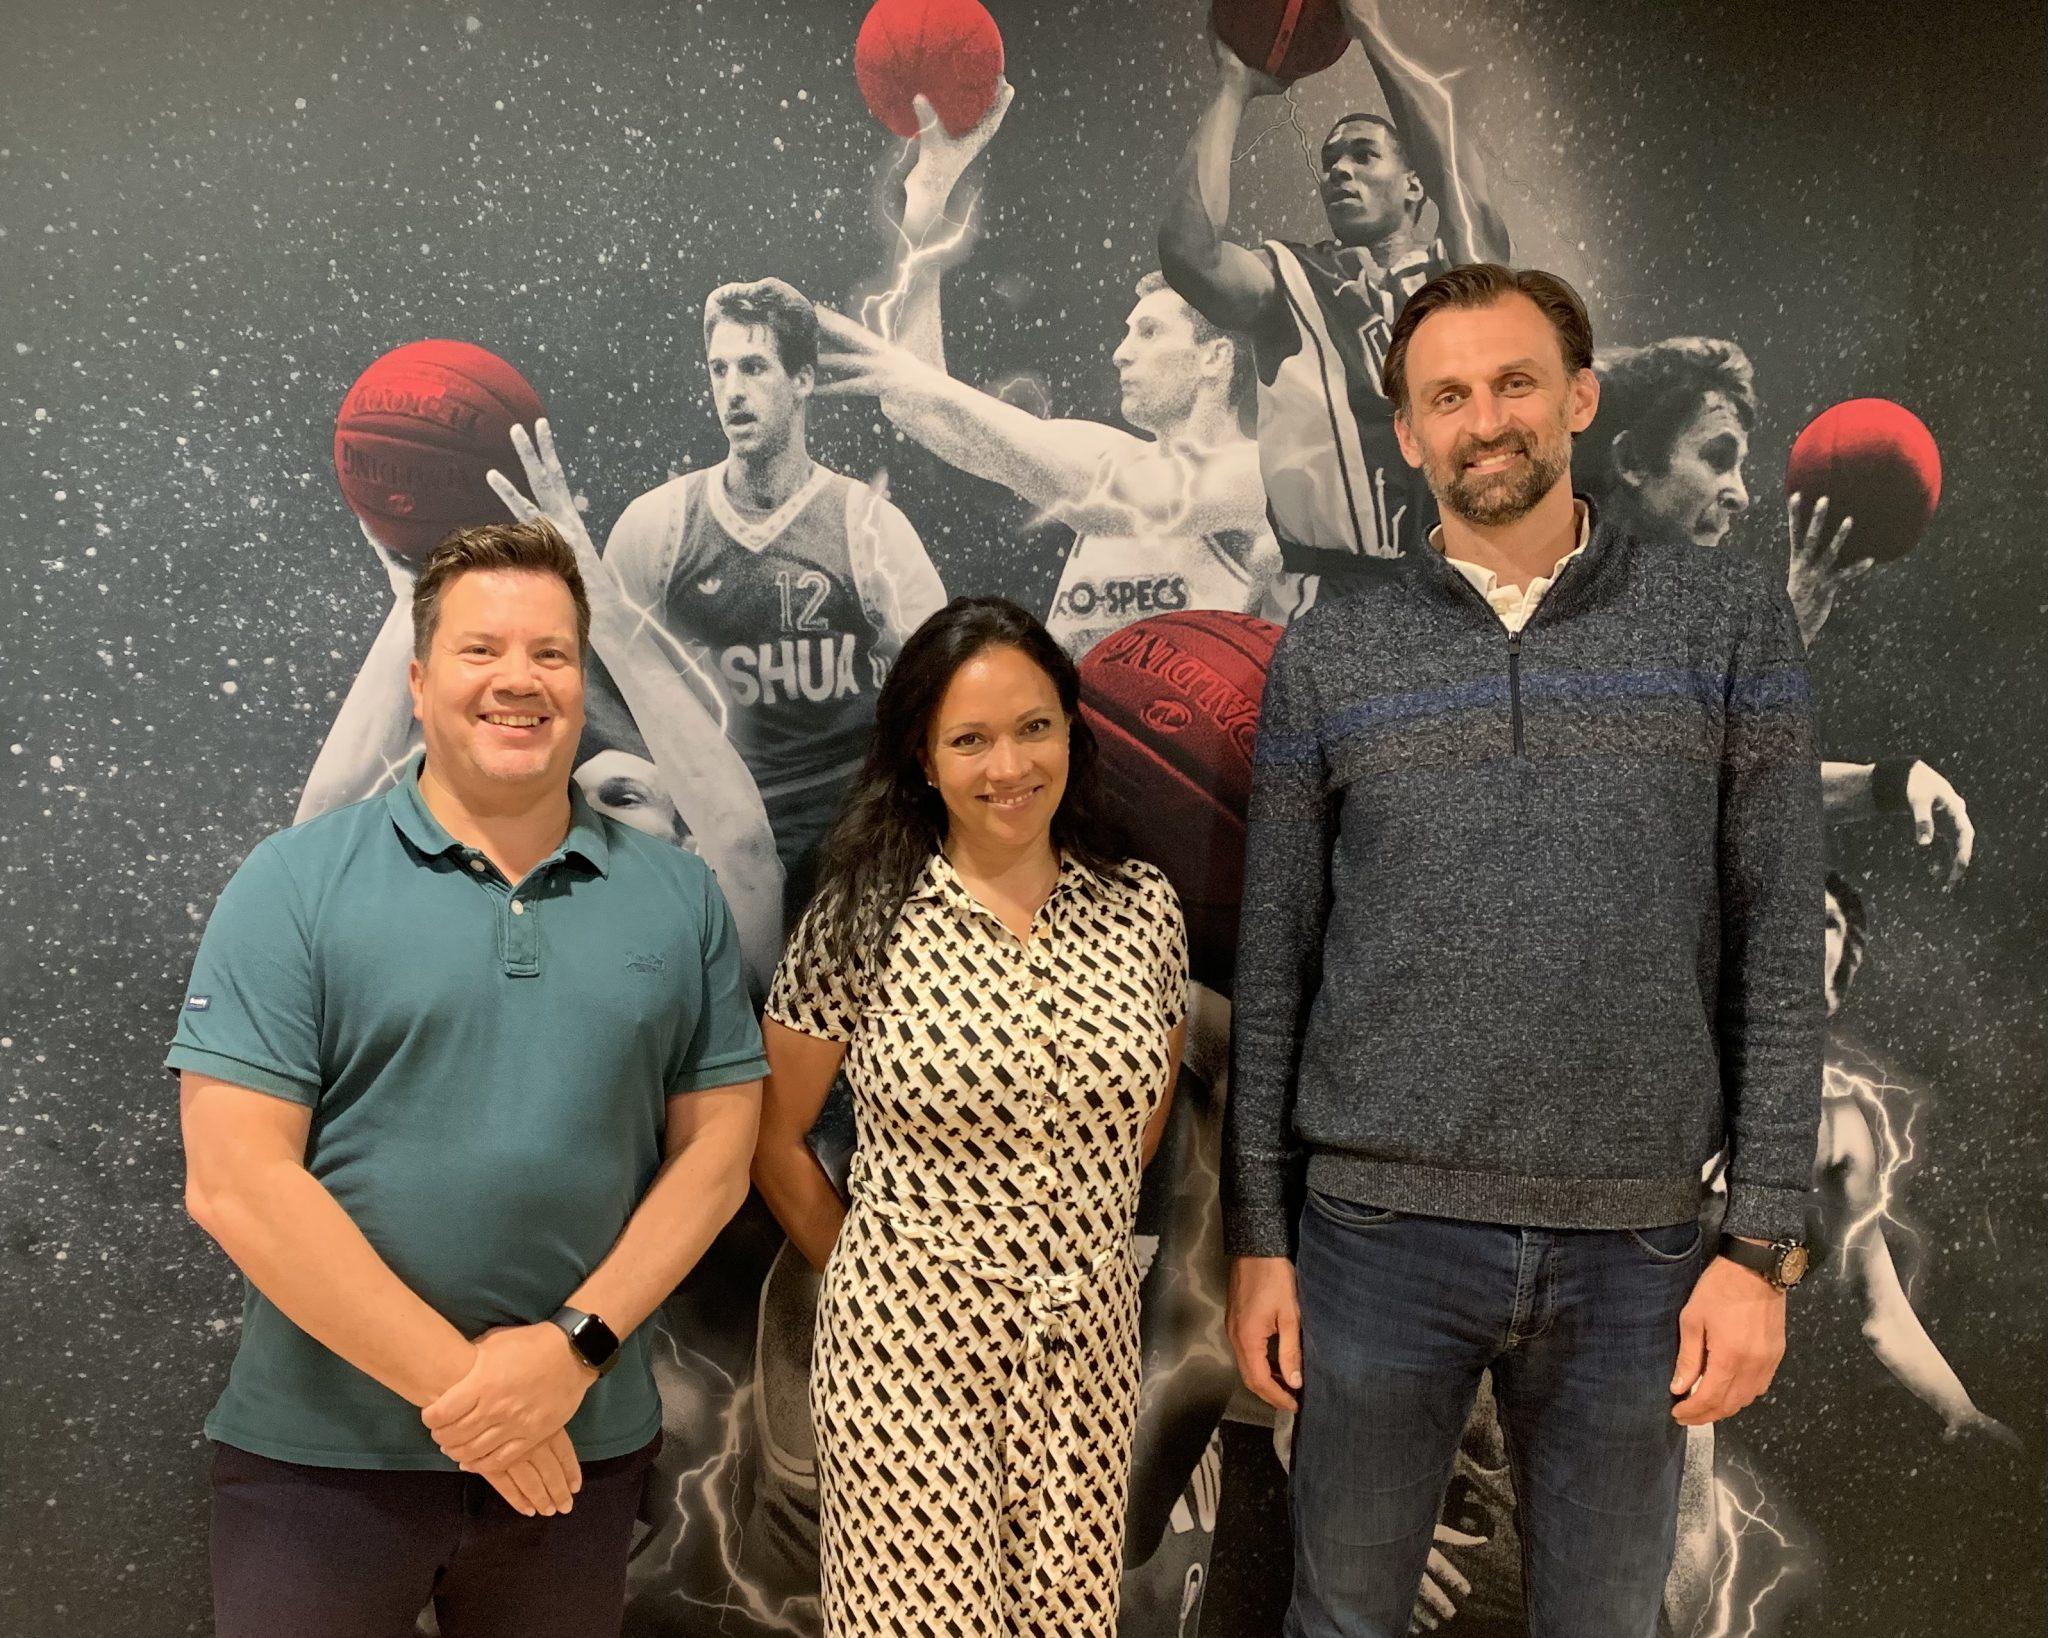 Drago Pašalić en Teska Dinkla voorzien Heroes Basketball Academy van nieuw elan.